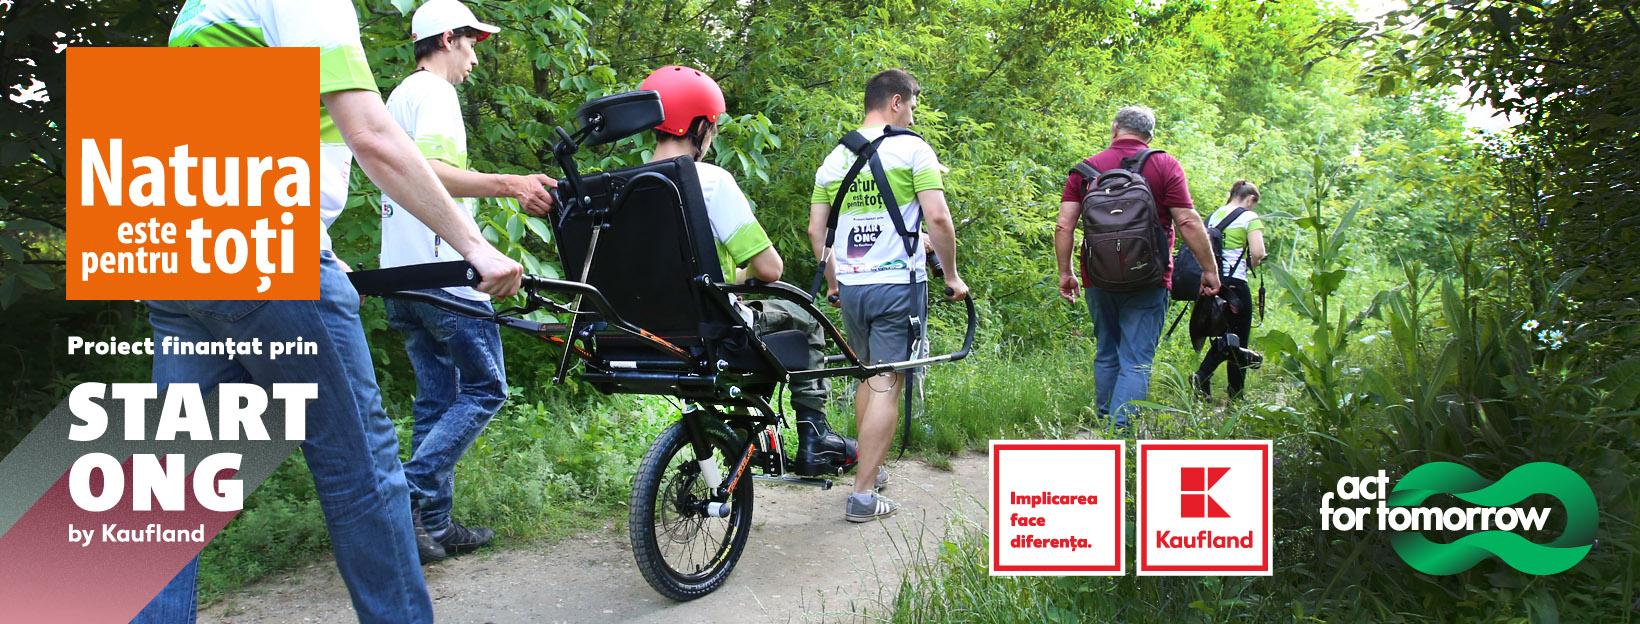 Primul proiect din România pentru accesul  în natură al persoanelor cu dizabilități motorii